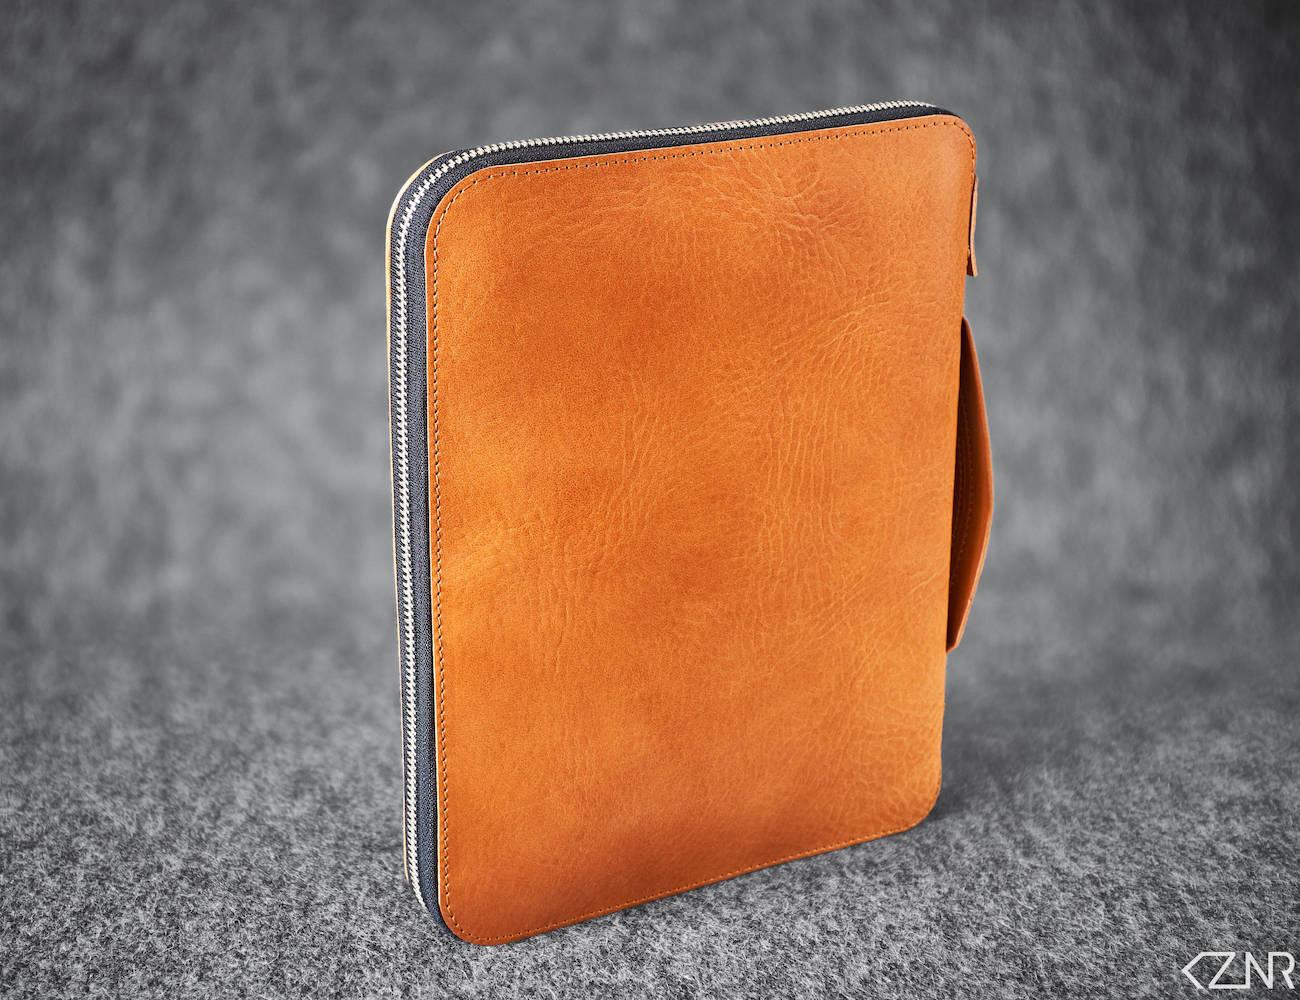 KZNR Minimalist Leather iPad Folio